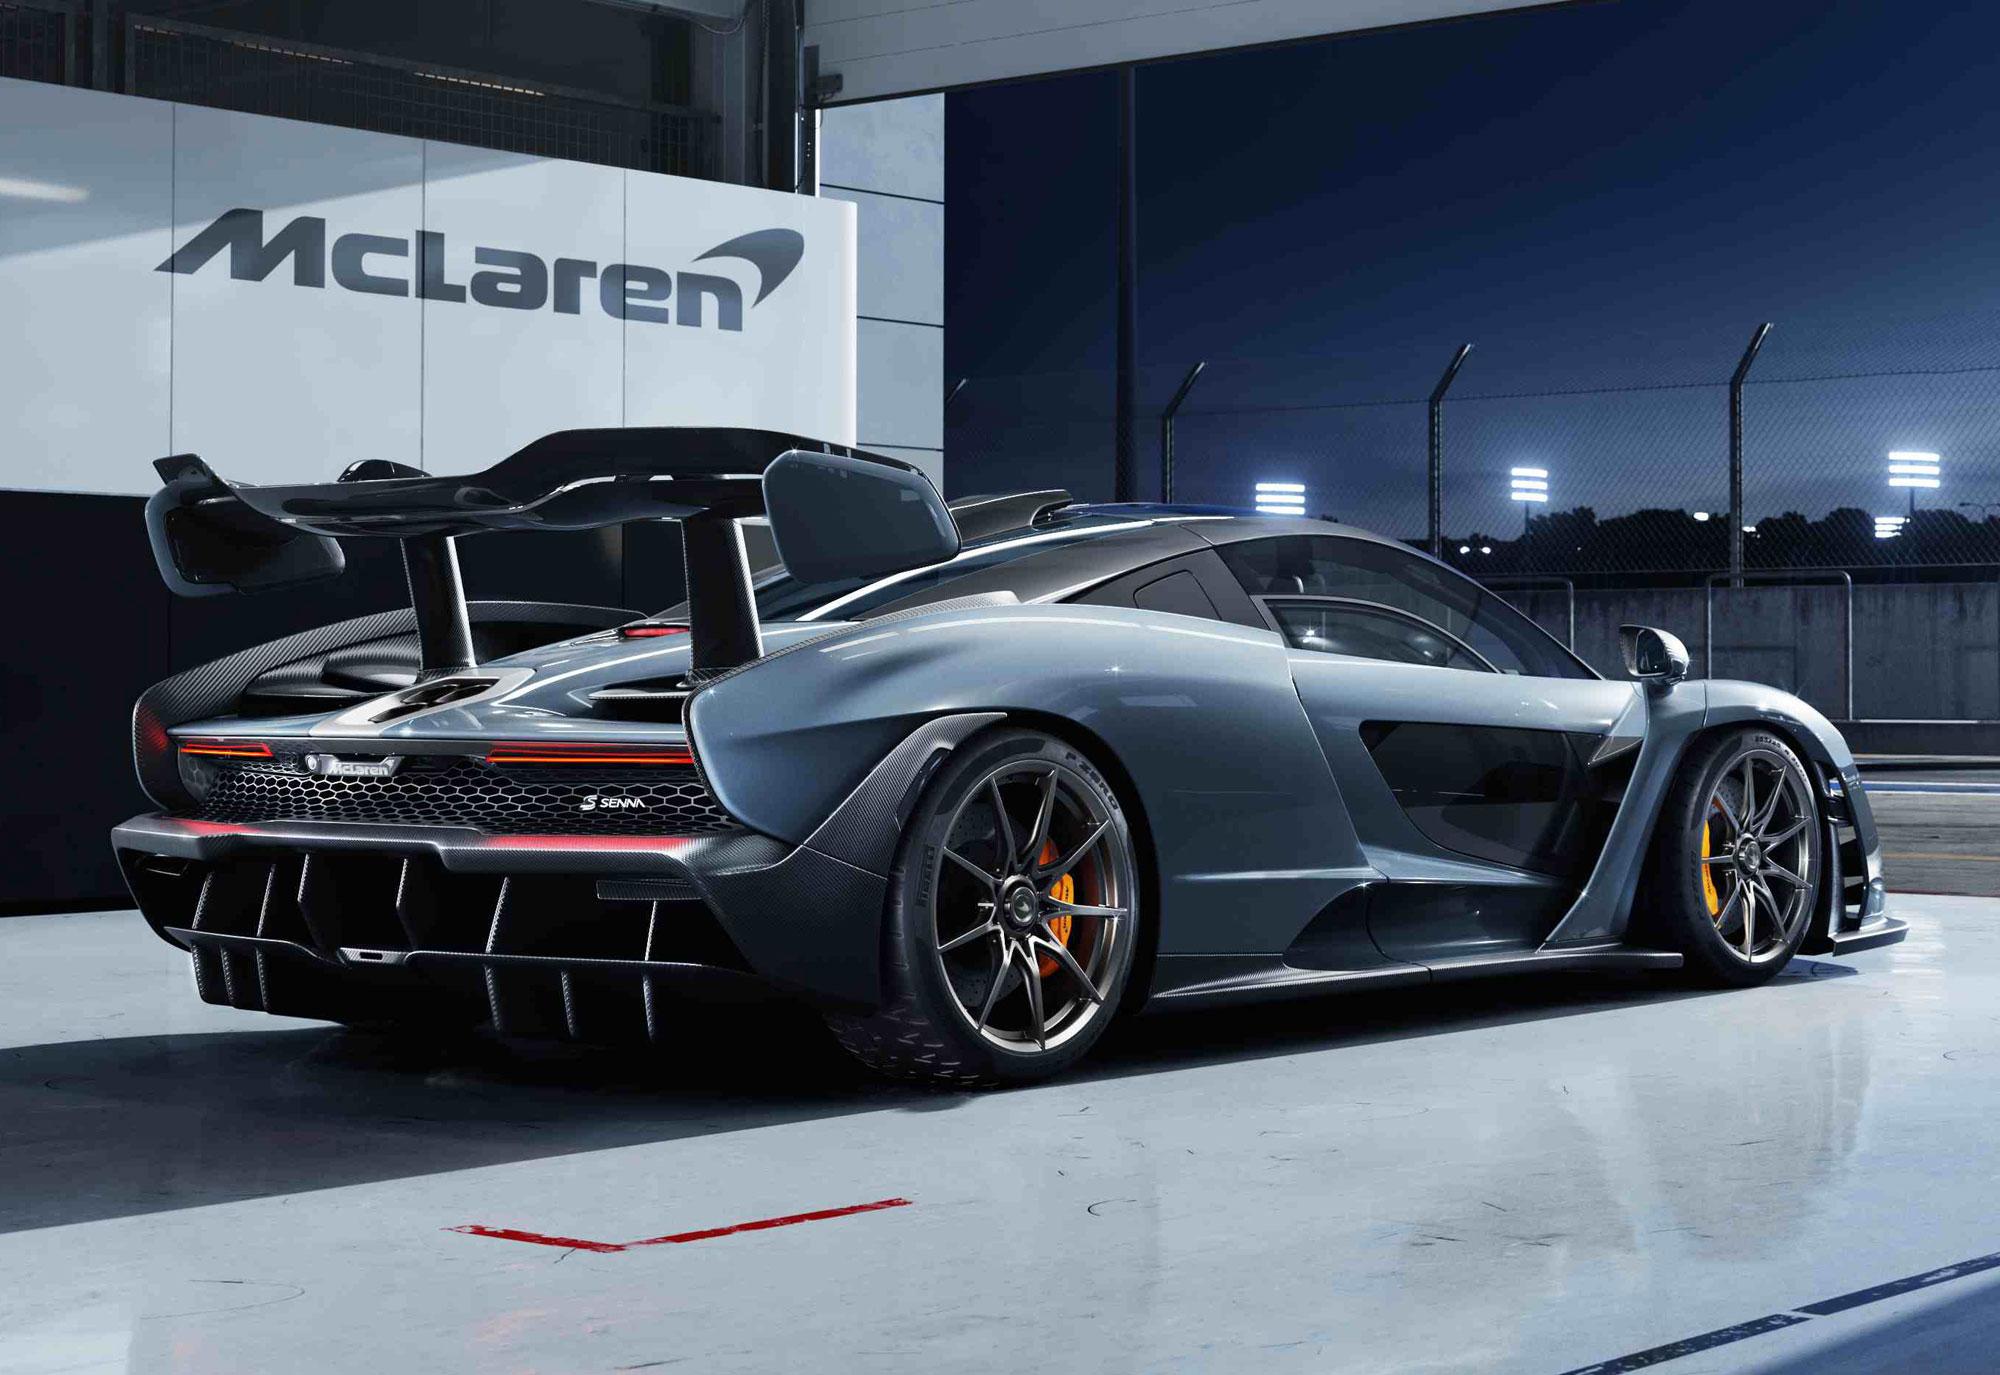 McLaren-Senna_scene-1.jpg